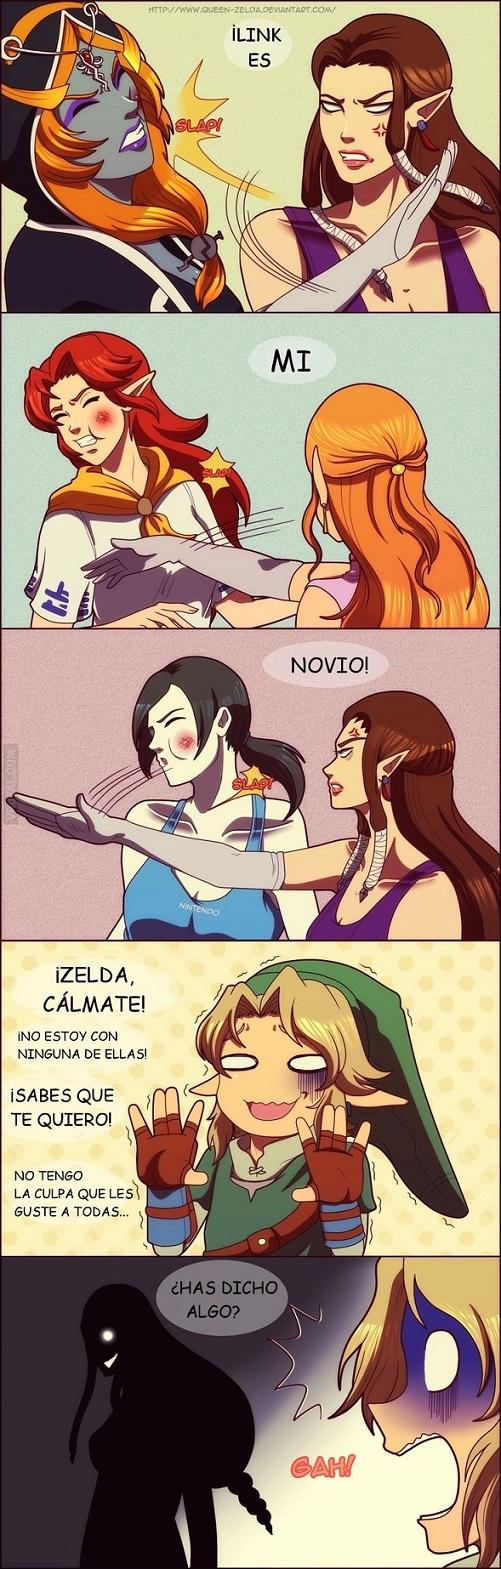 Zelda y sus Problemas de Celos